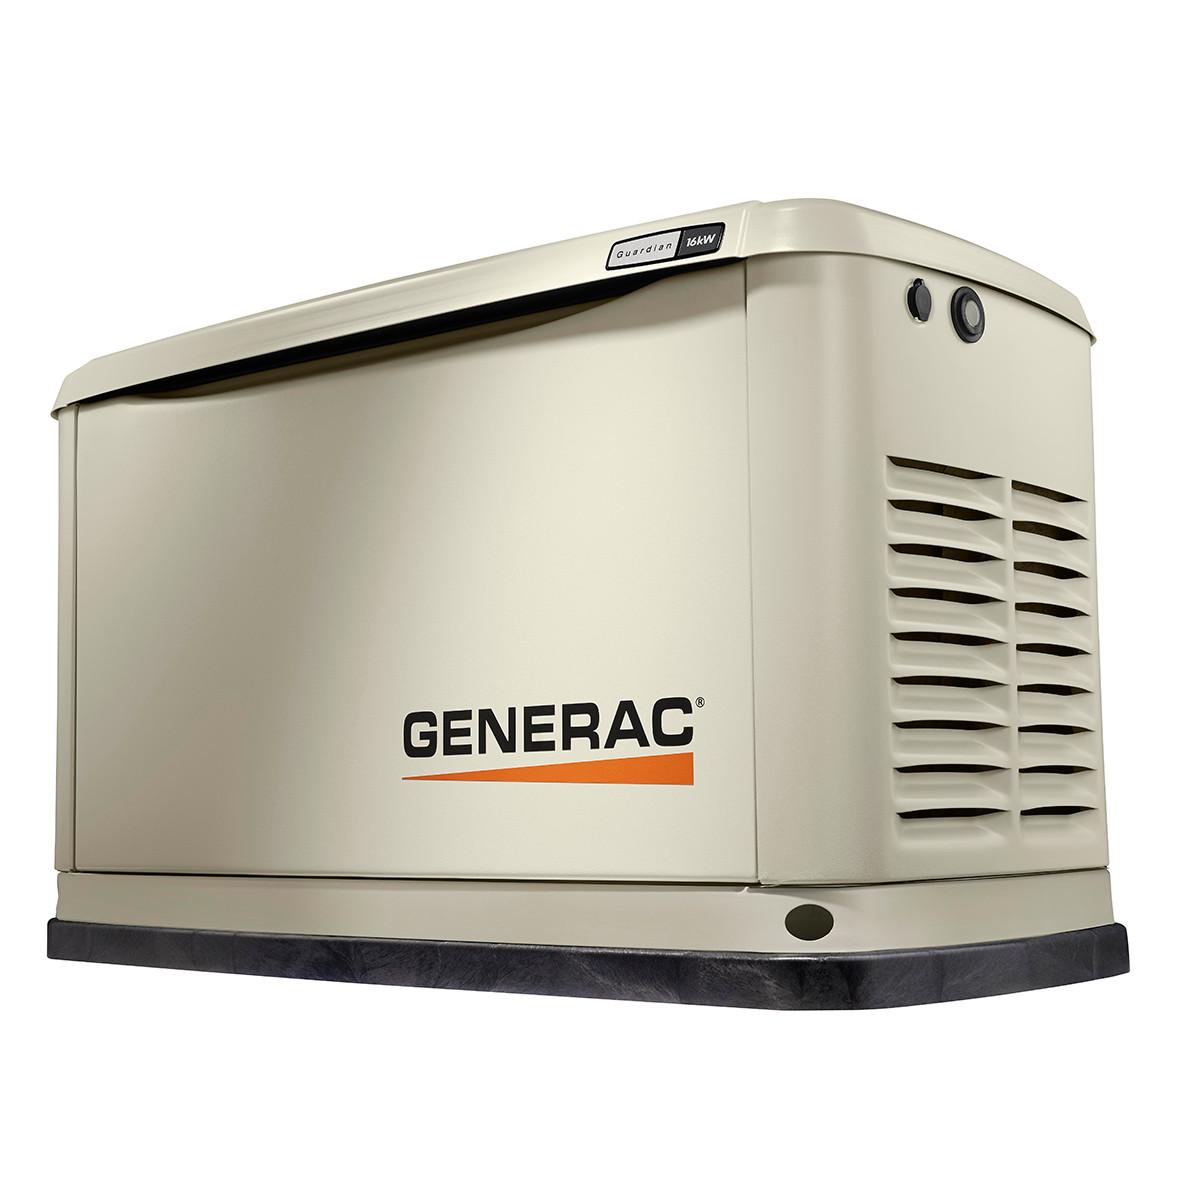 Generac 7035 16kW Guardian Generator with Wi-Fi